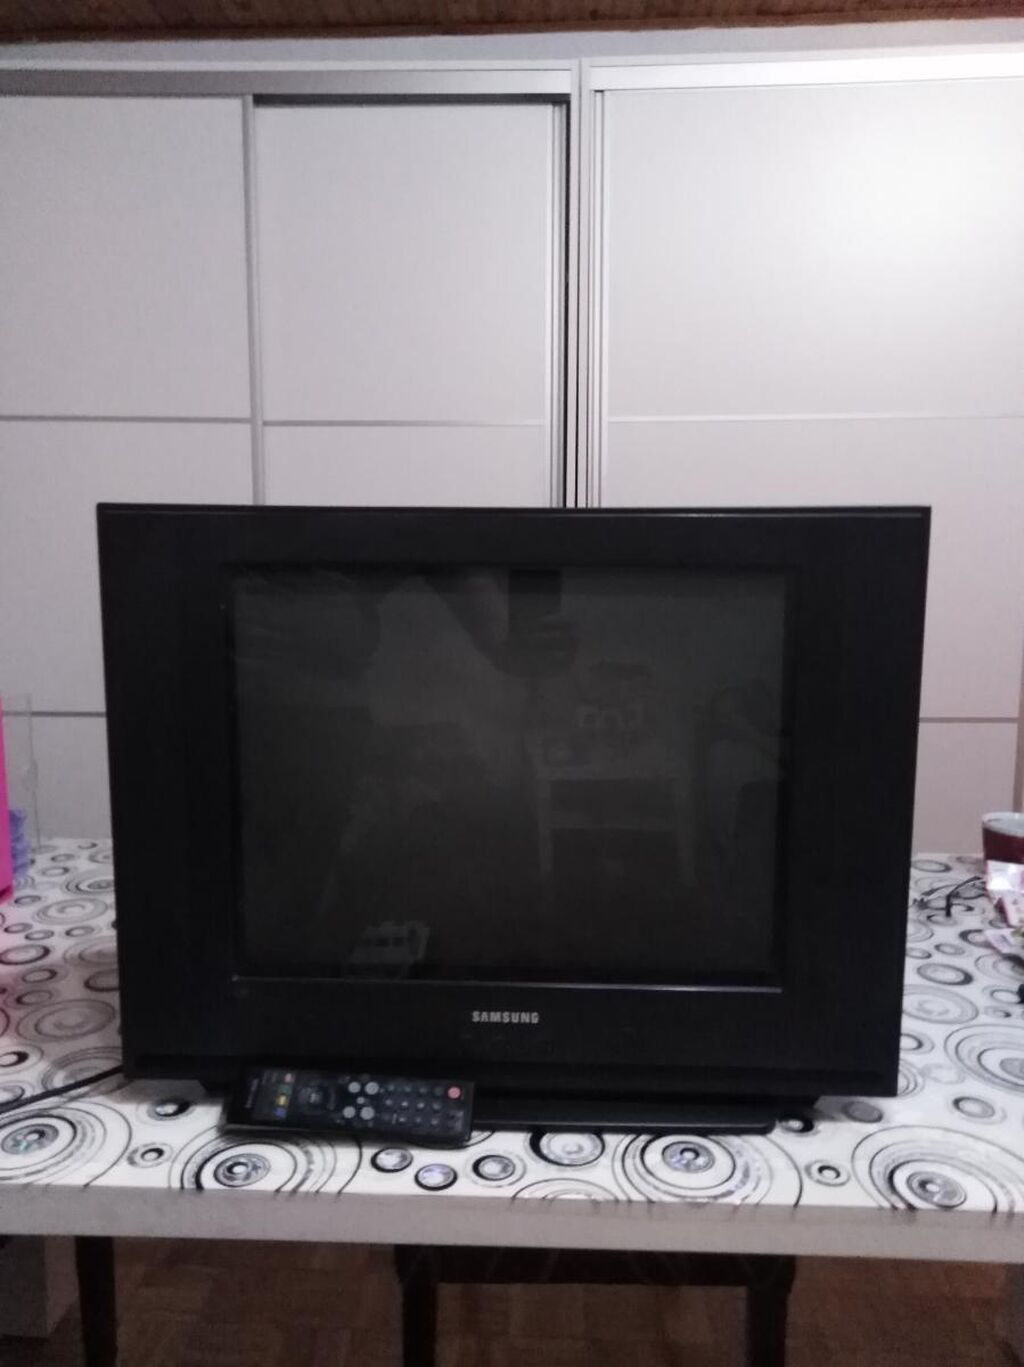 Tv Samsung, nekada upali odma i radi ok a nekada se upali posle odredjenog vremena i radi ok